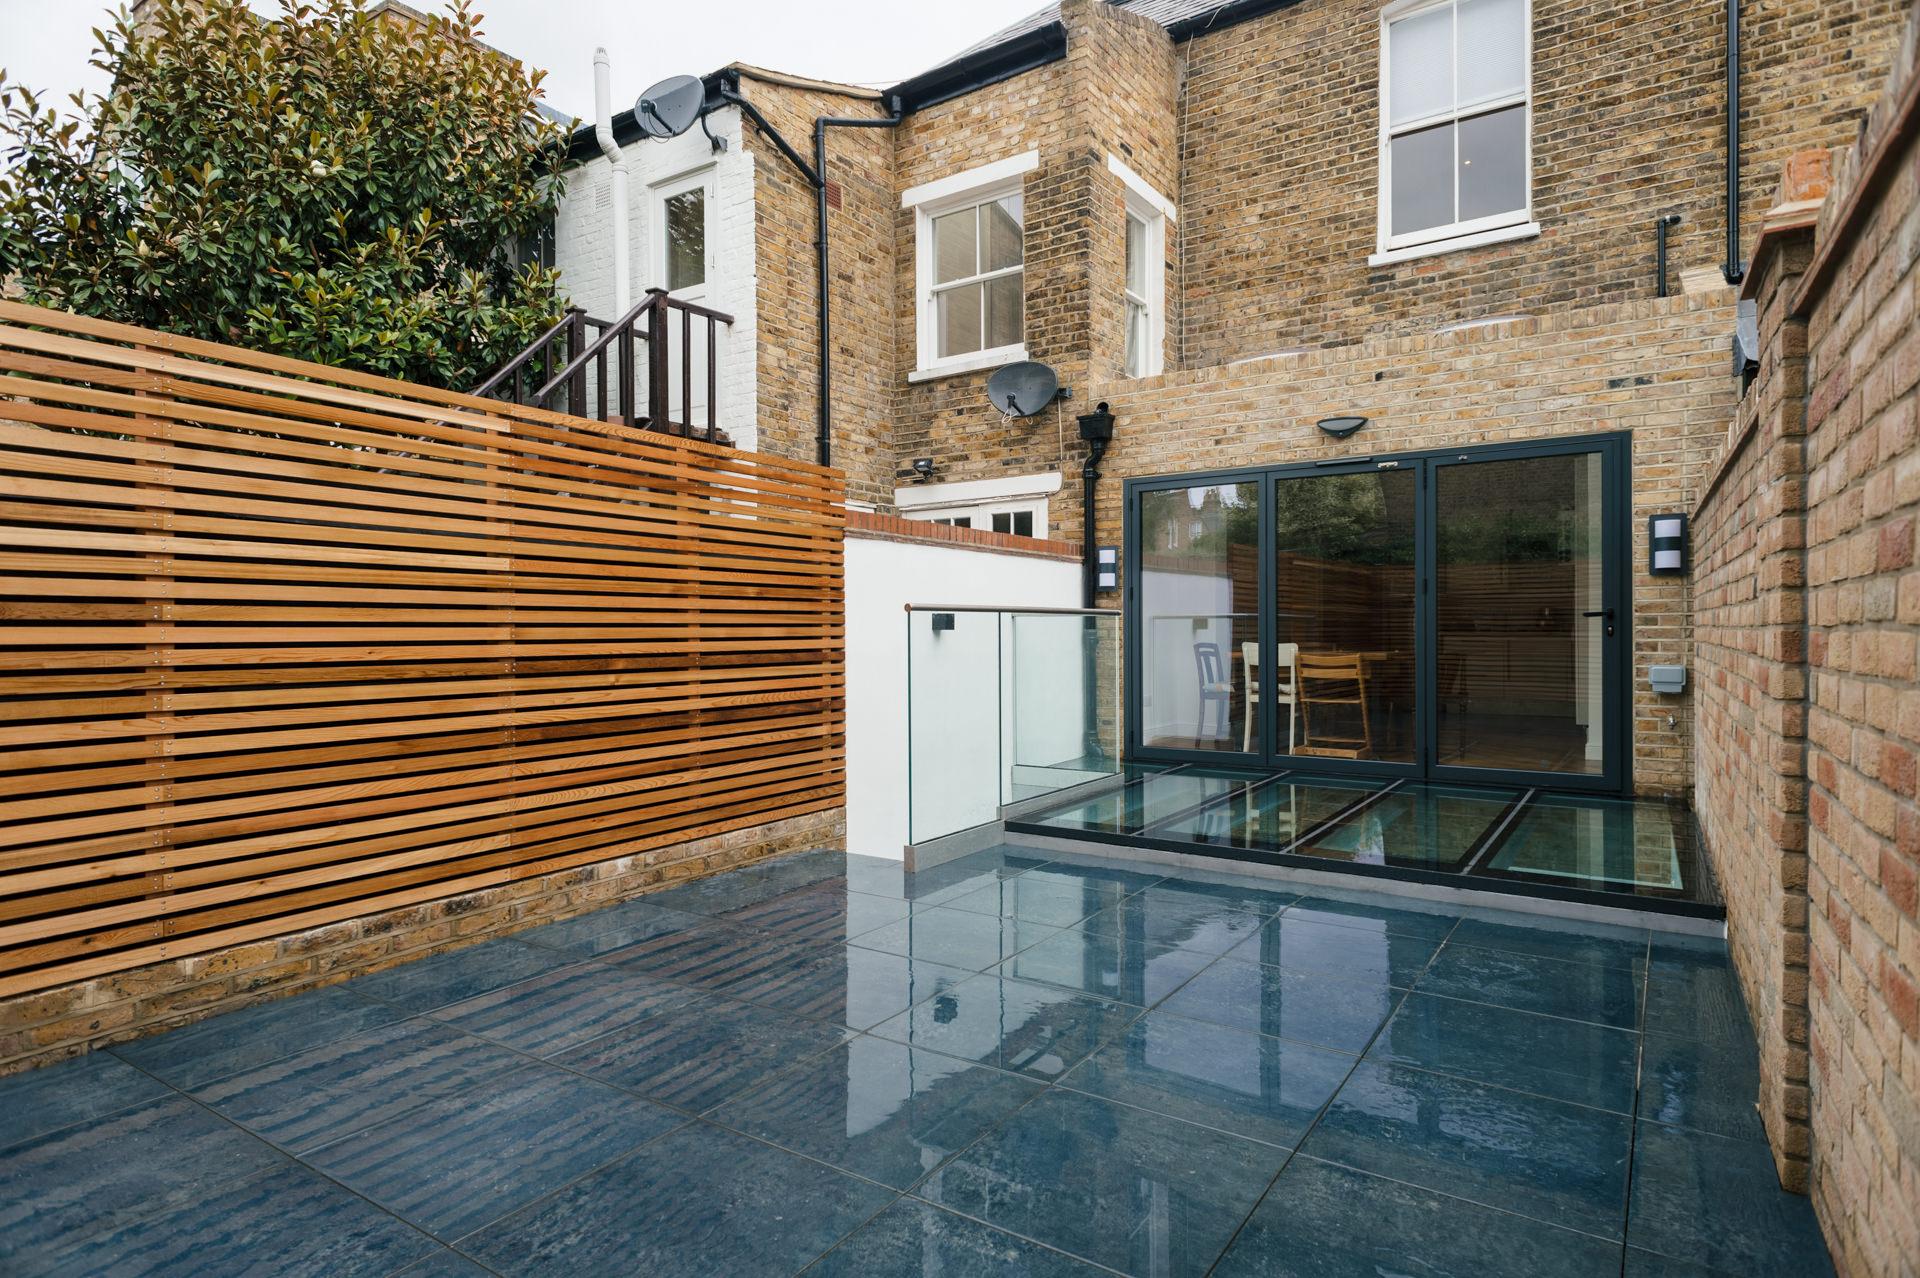 modern garden design and basement conversion